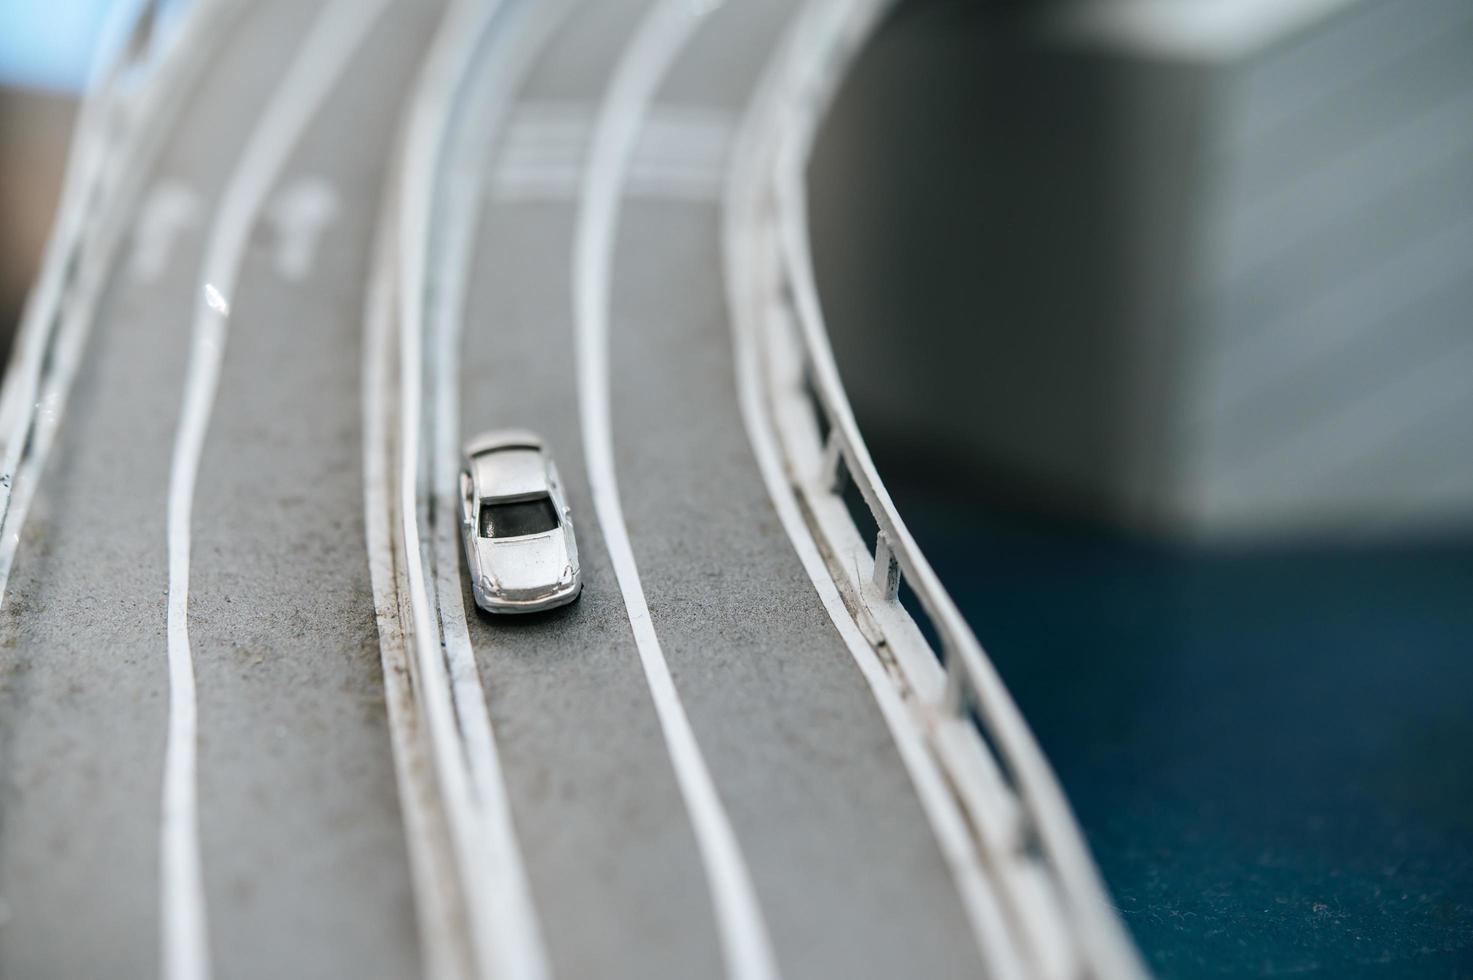 ponte de mudança de inclinação em miniatura foto